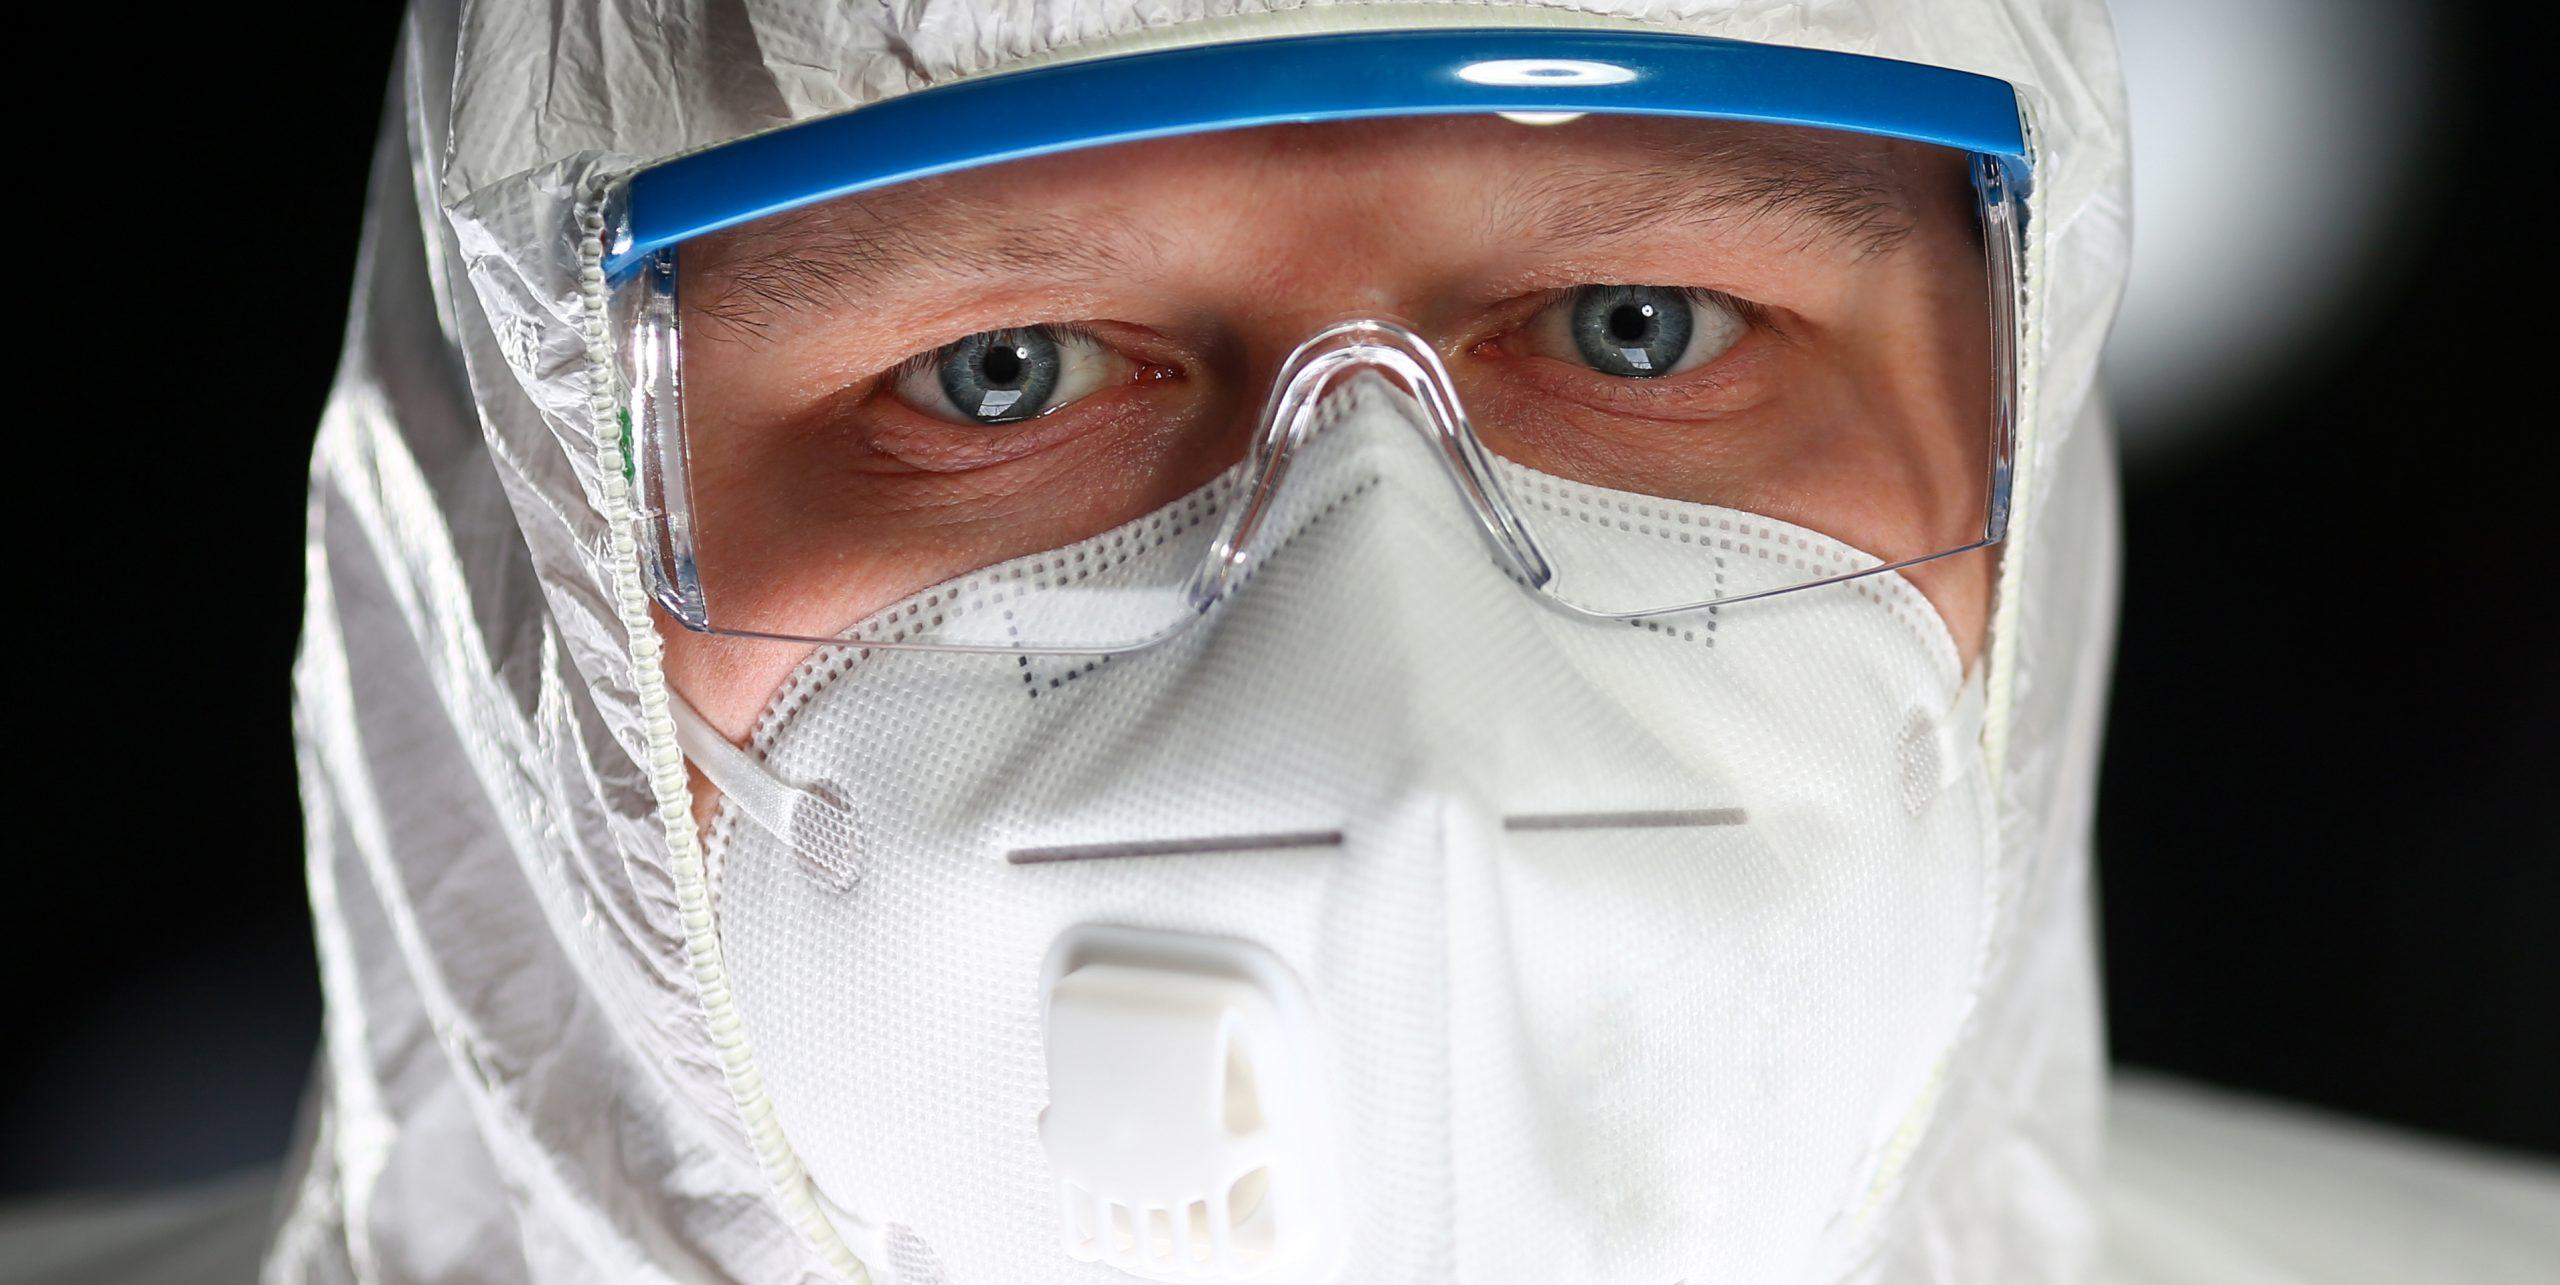 Nahaufname des Gesichts eines Mannes, der einen weißen Schutzanzug, eine Schutzbrille und eine FFP2-Maske trägt